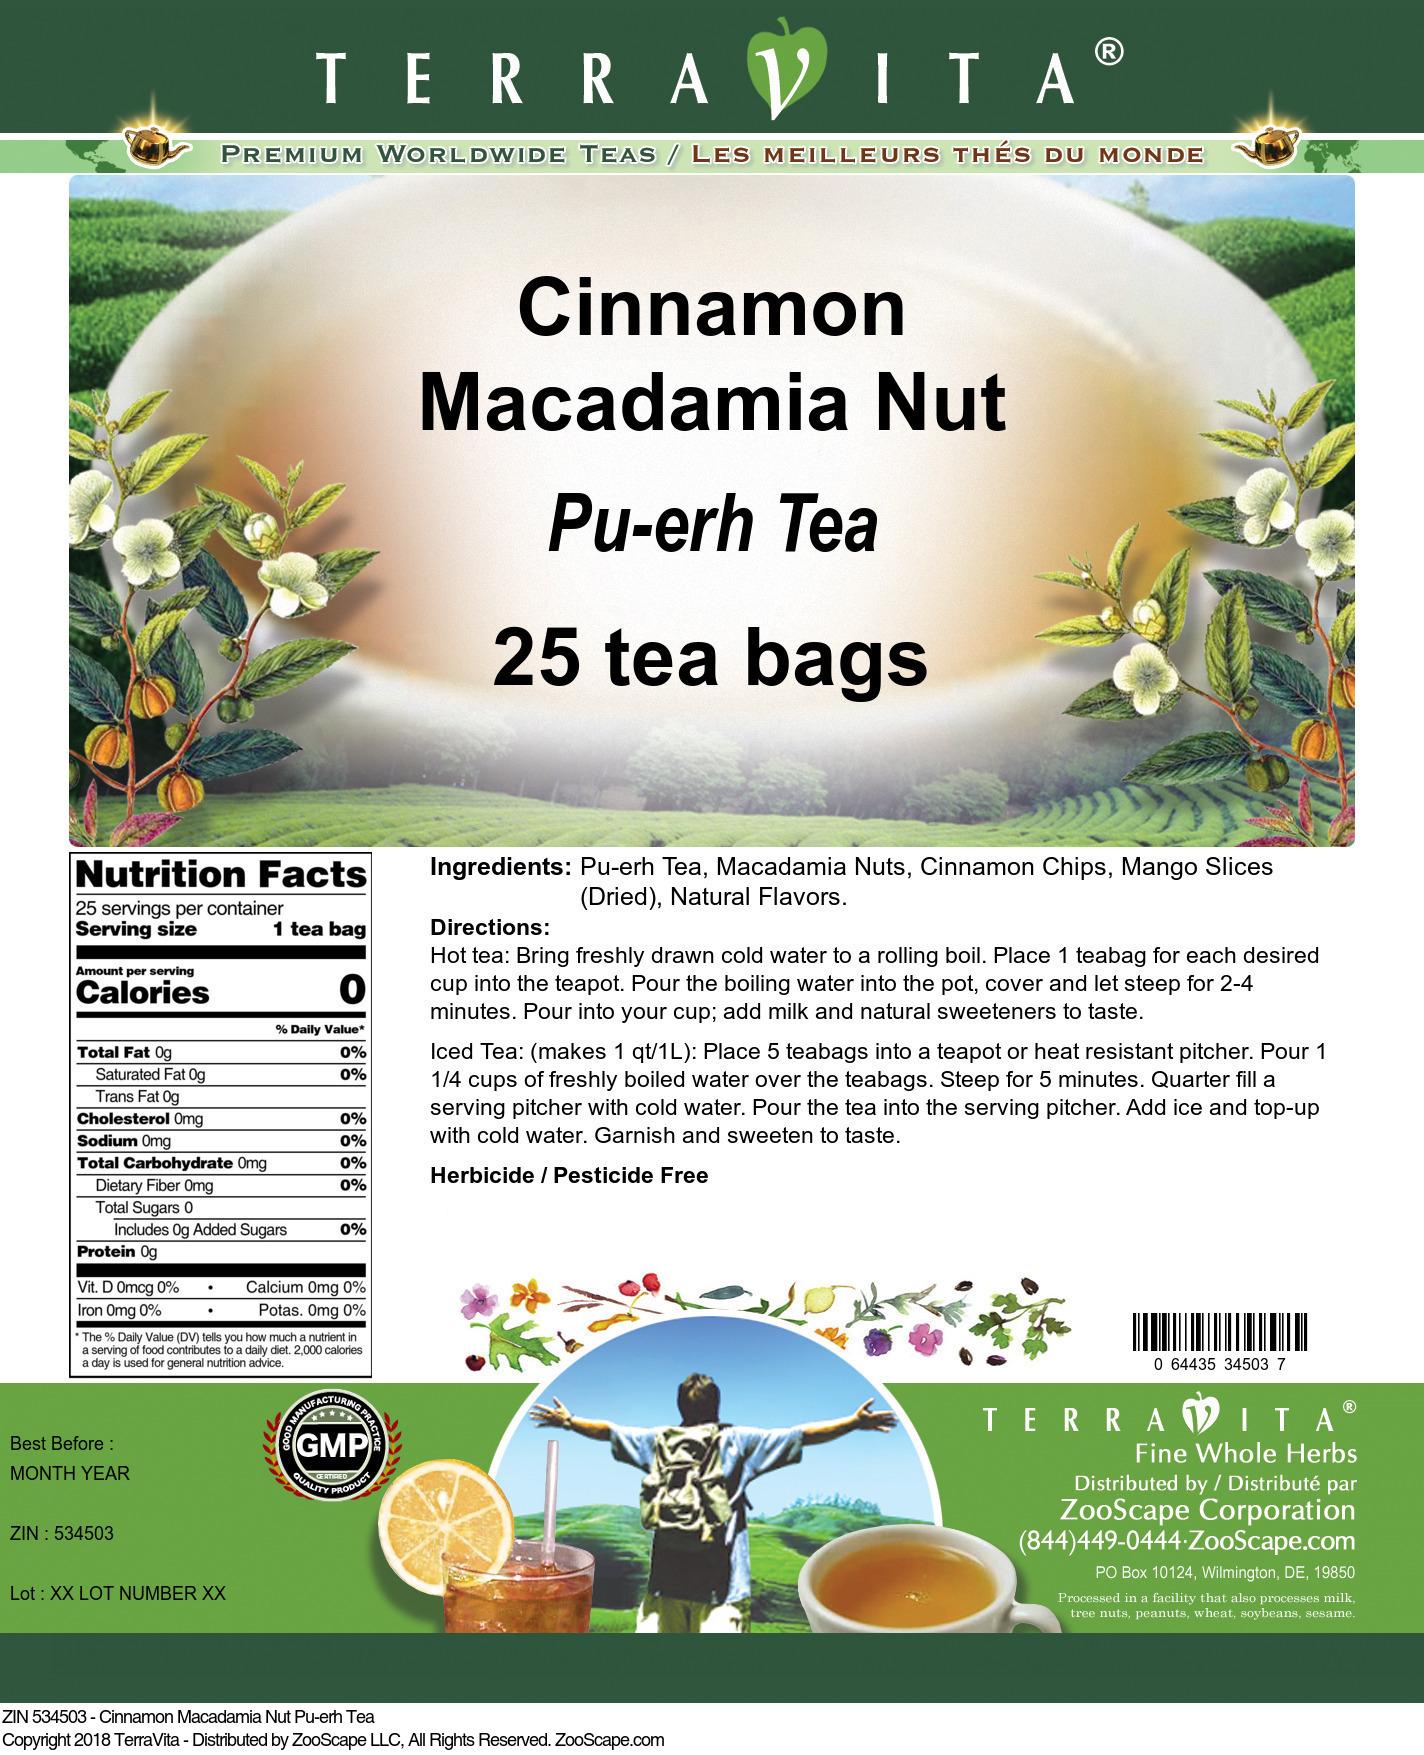 Cinnamon Macadamia Nut Pu-erh Tea